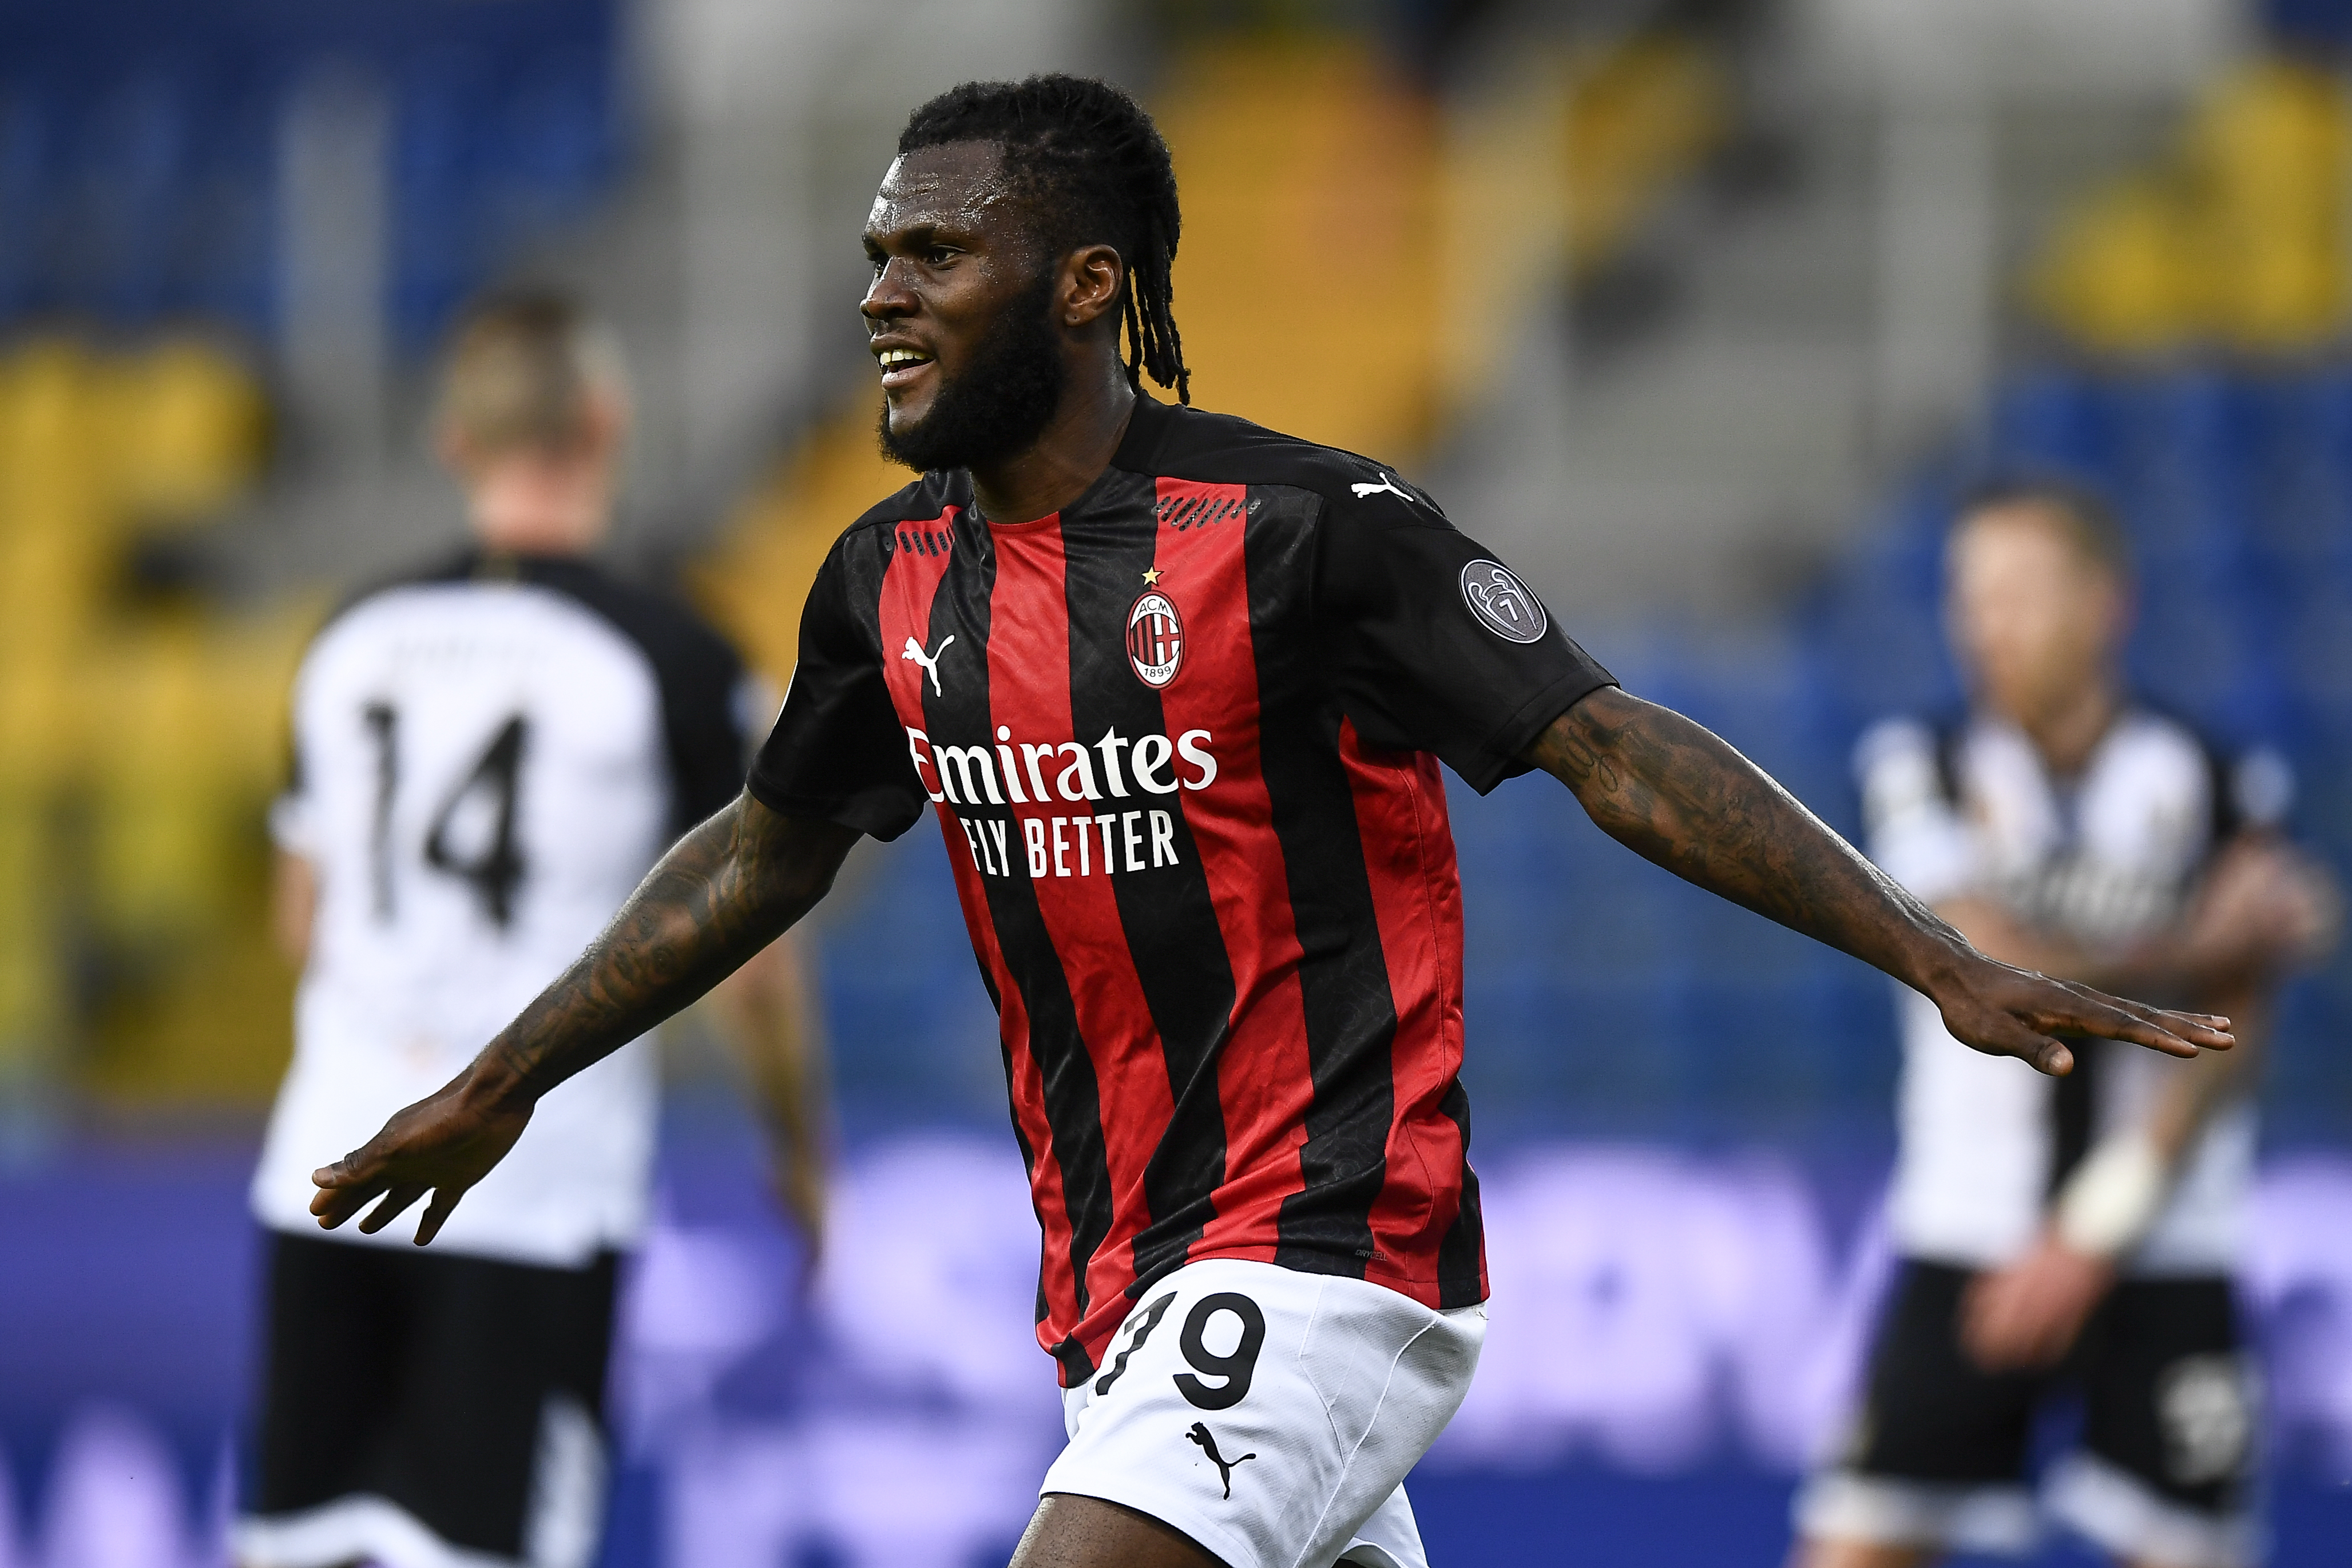 Franck Kessie of AC Milan celebrates after scoring a goal...